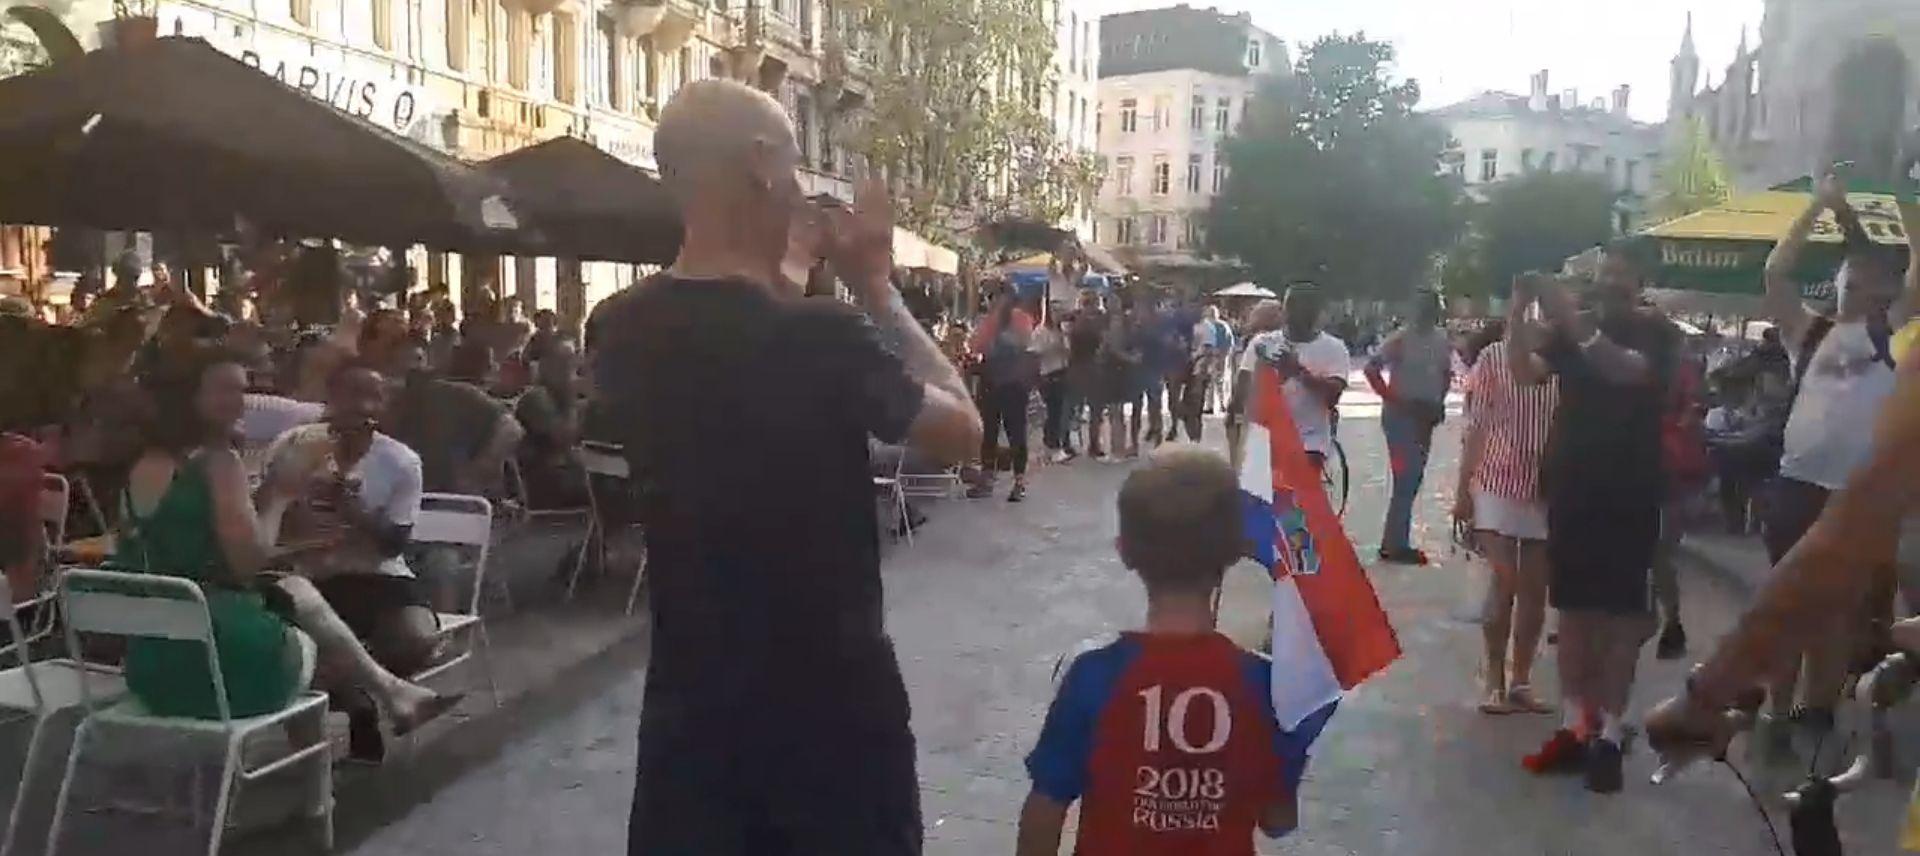 DIRLJIV VIDEO IZ BRUXELLESA Spontani pljesak dječaku s hrvatskom zastavicom